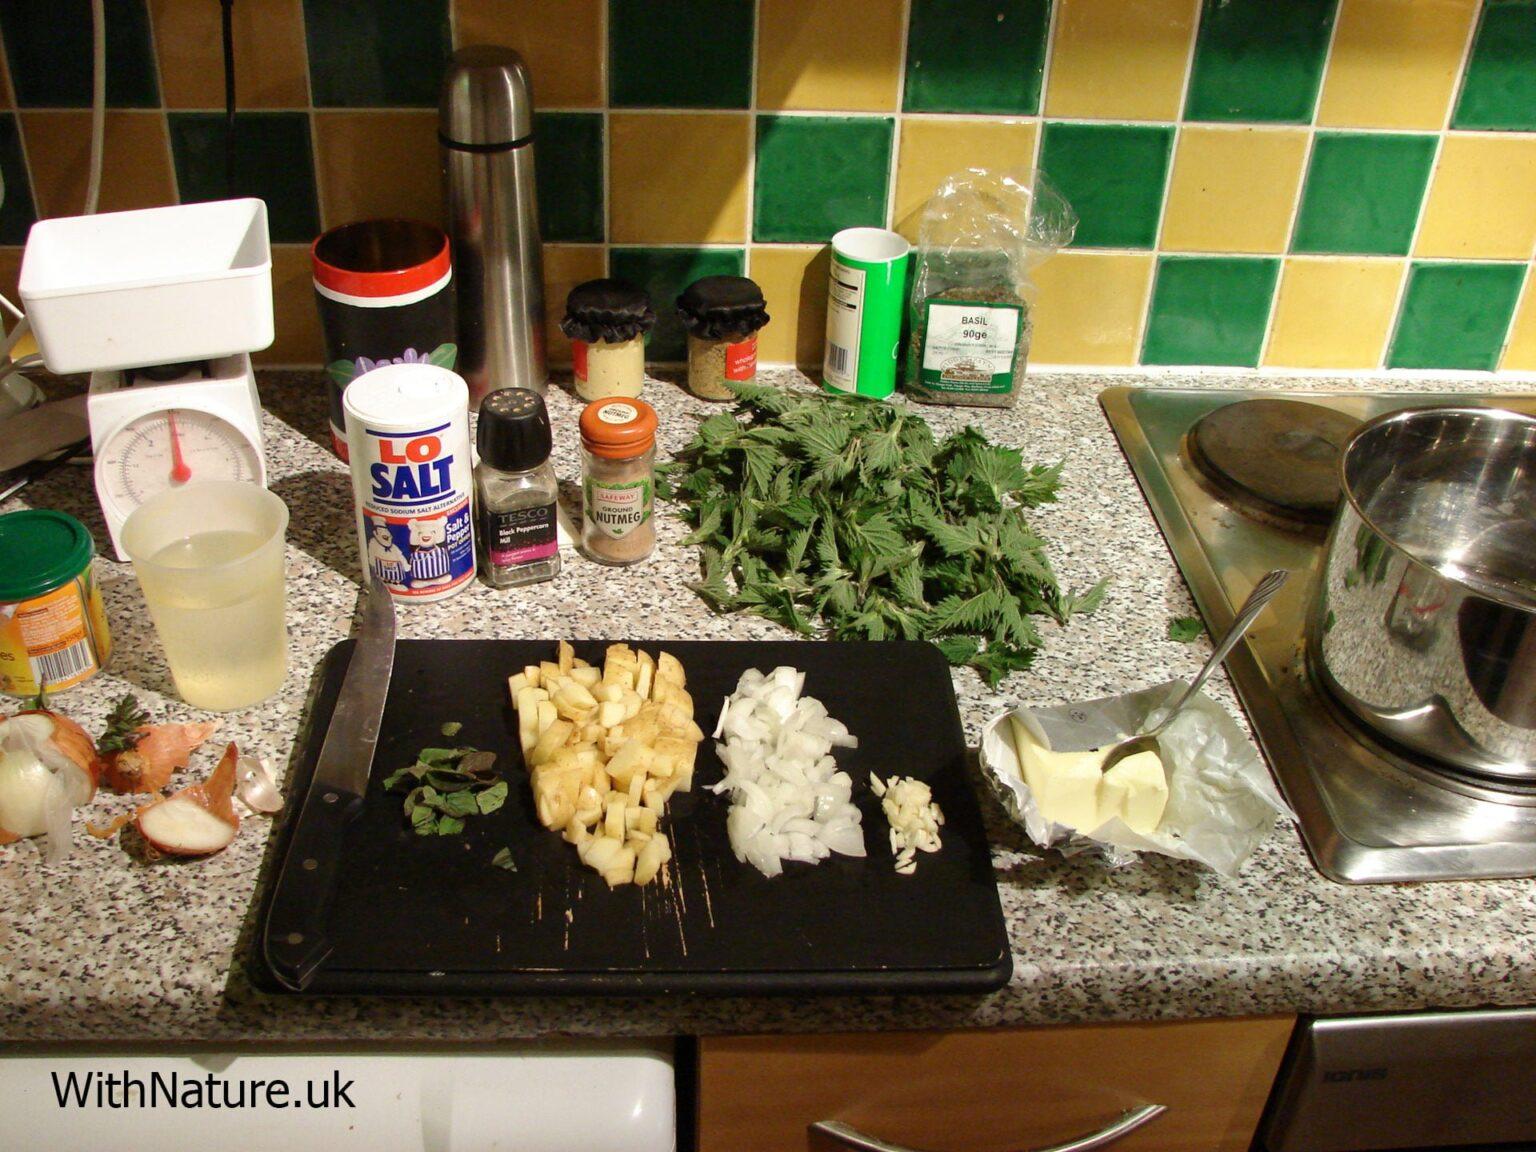 Prepared nettle soup ingredients